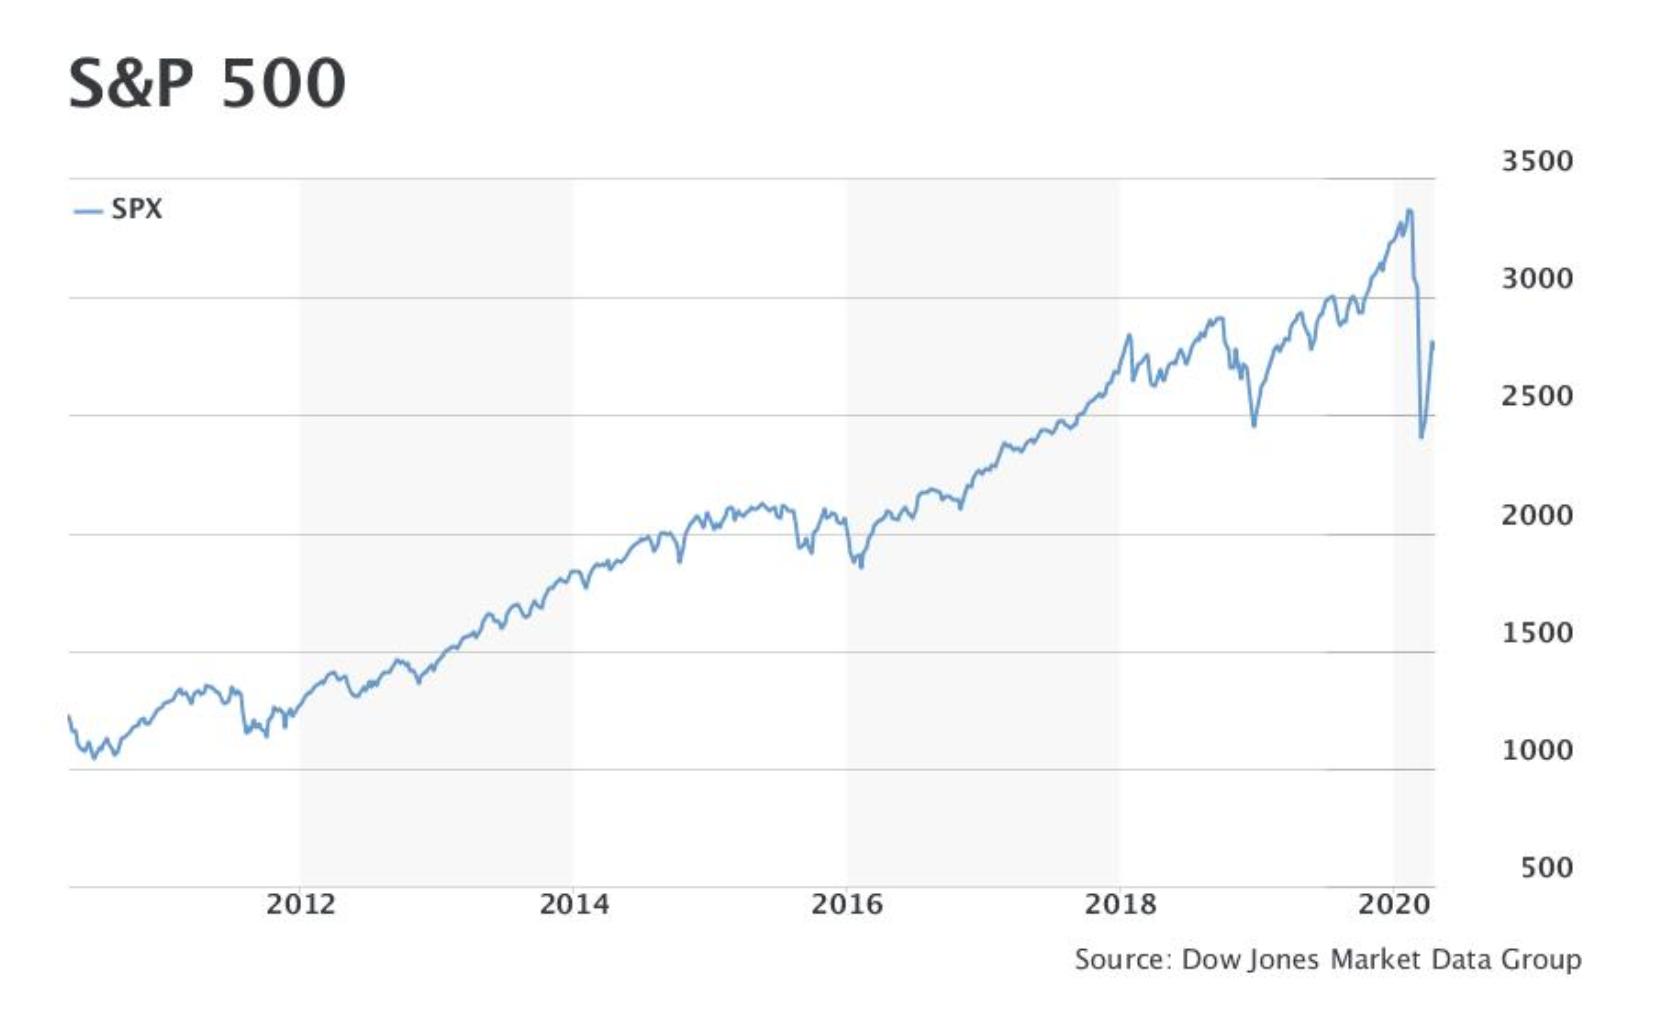 美国知名基金经理:股市近日反弹或预示着暴跌将接踵而来